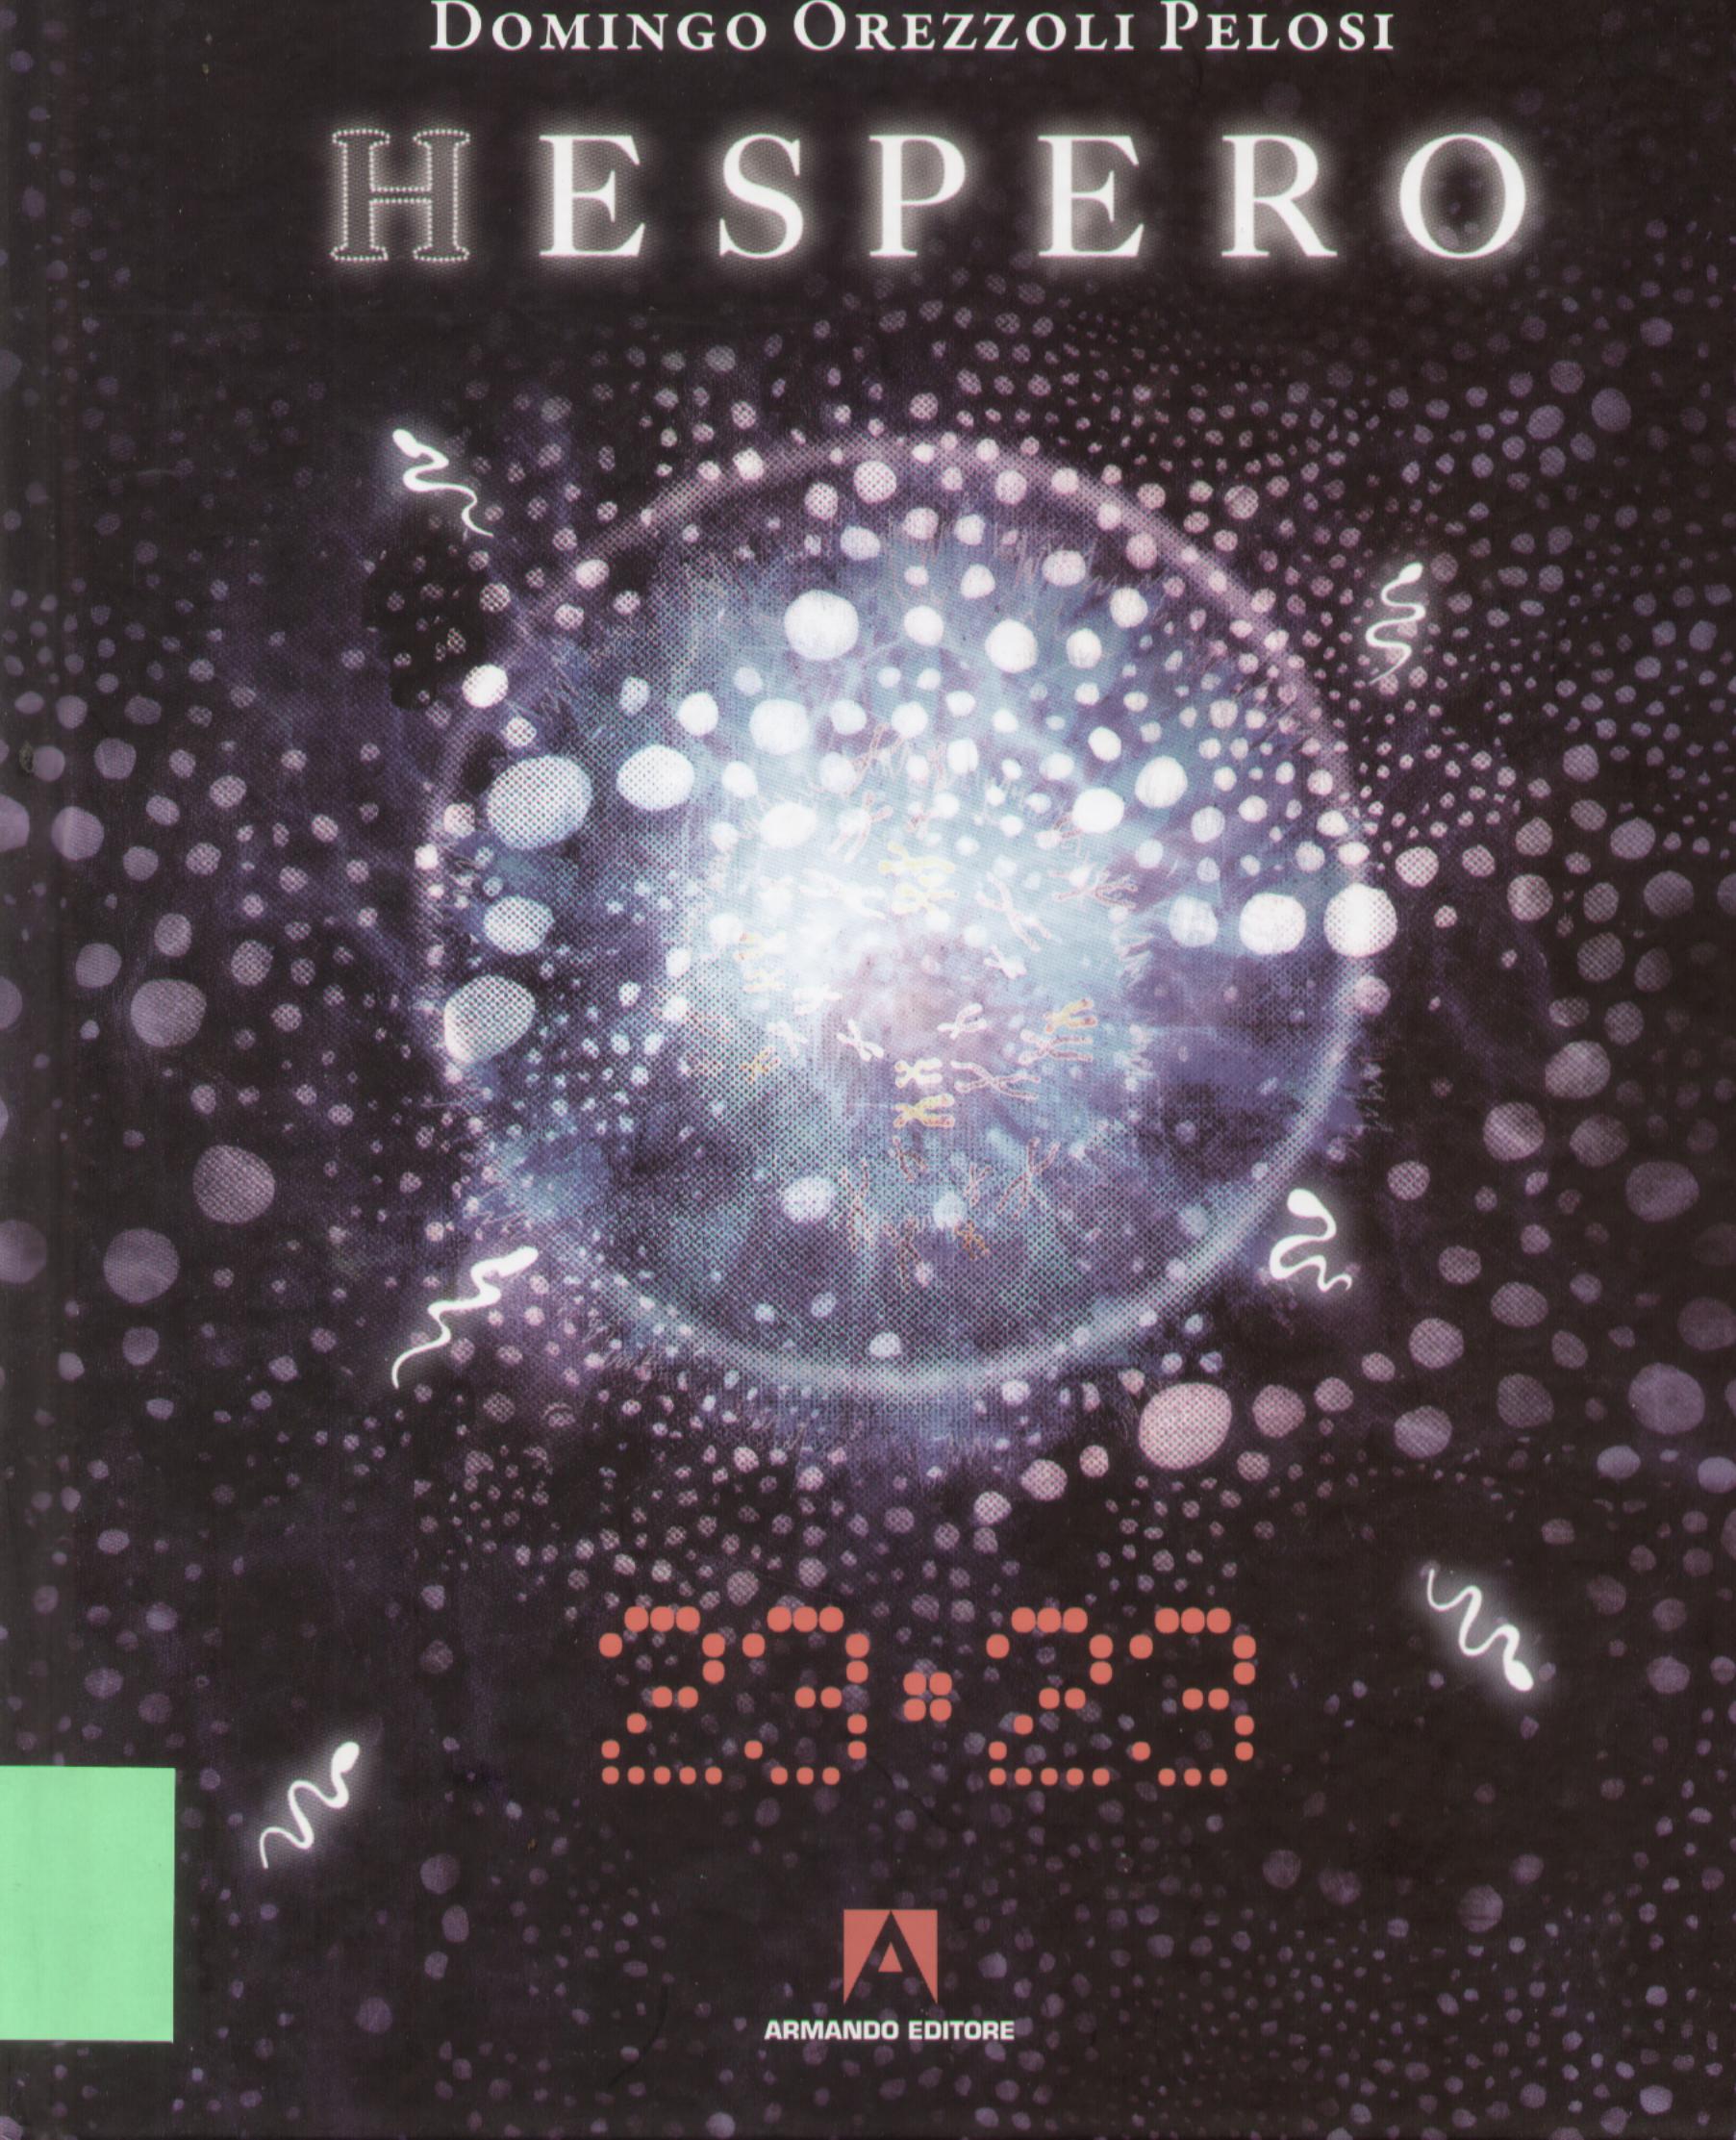 Hespero 23:23